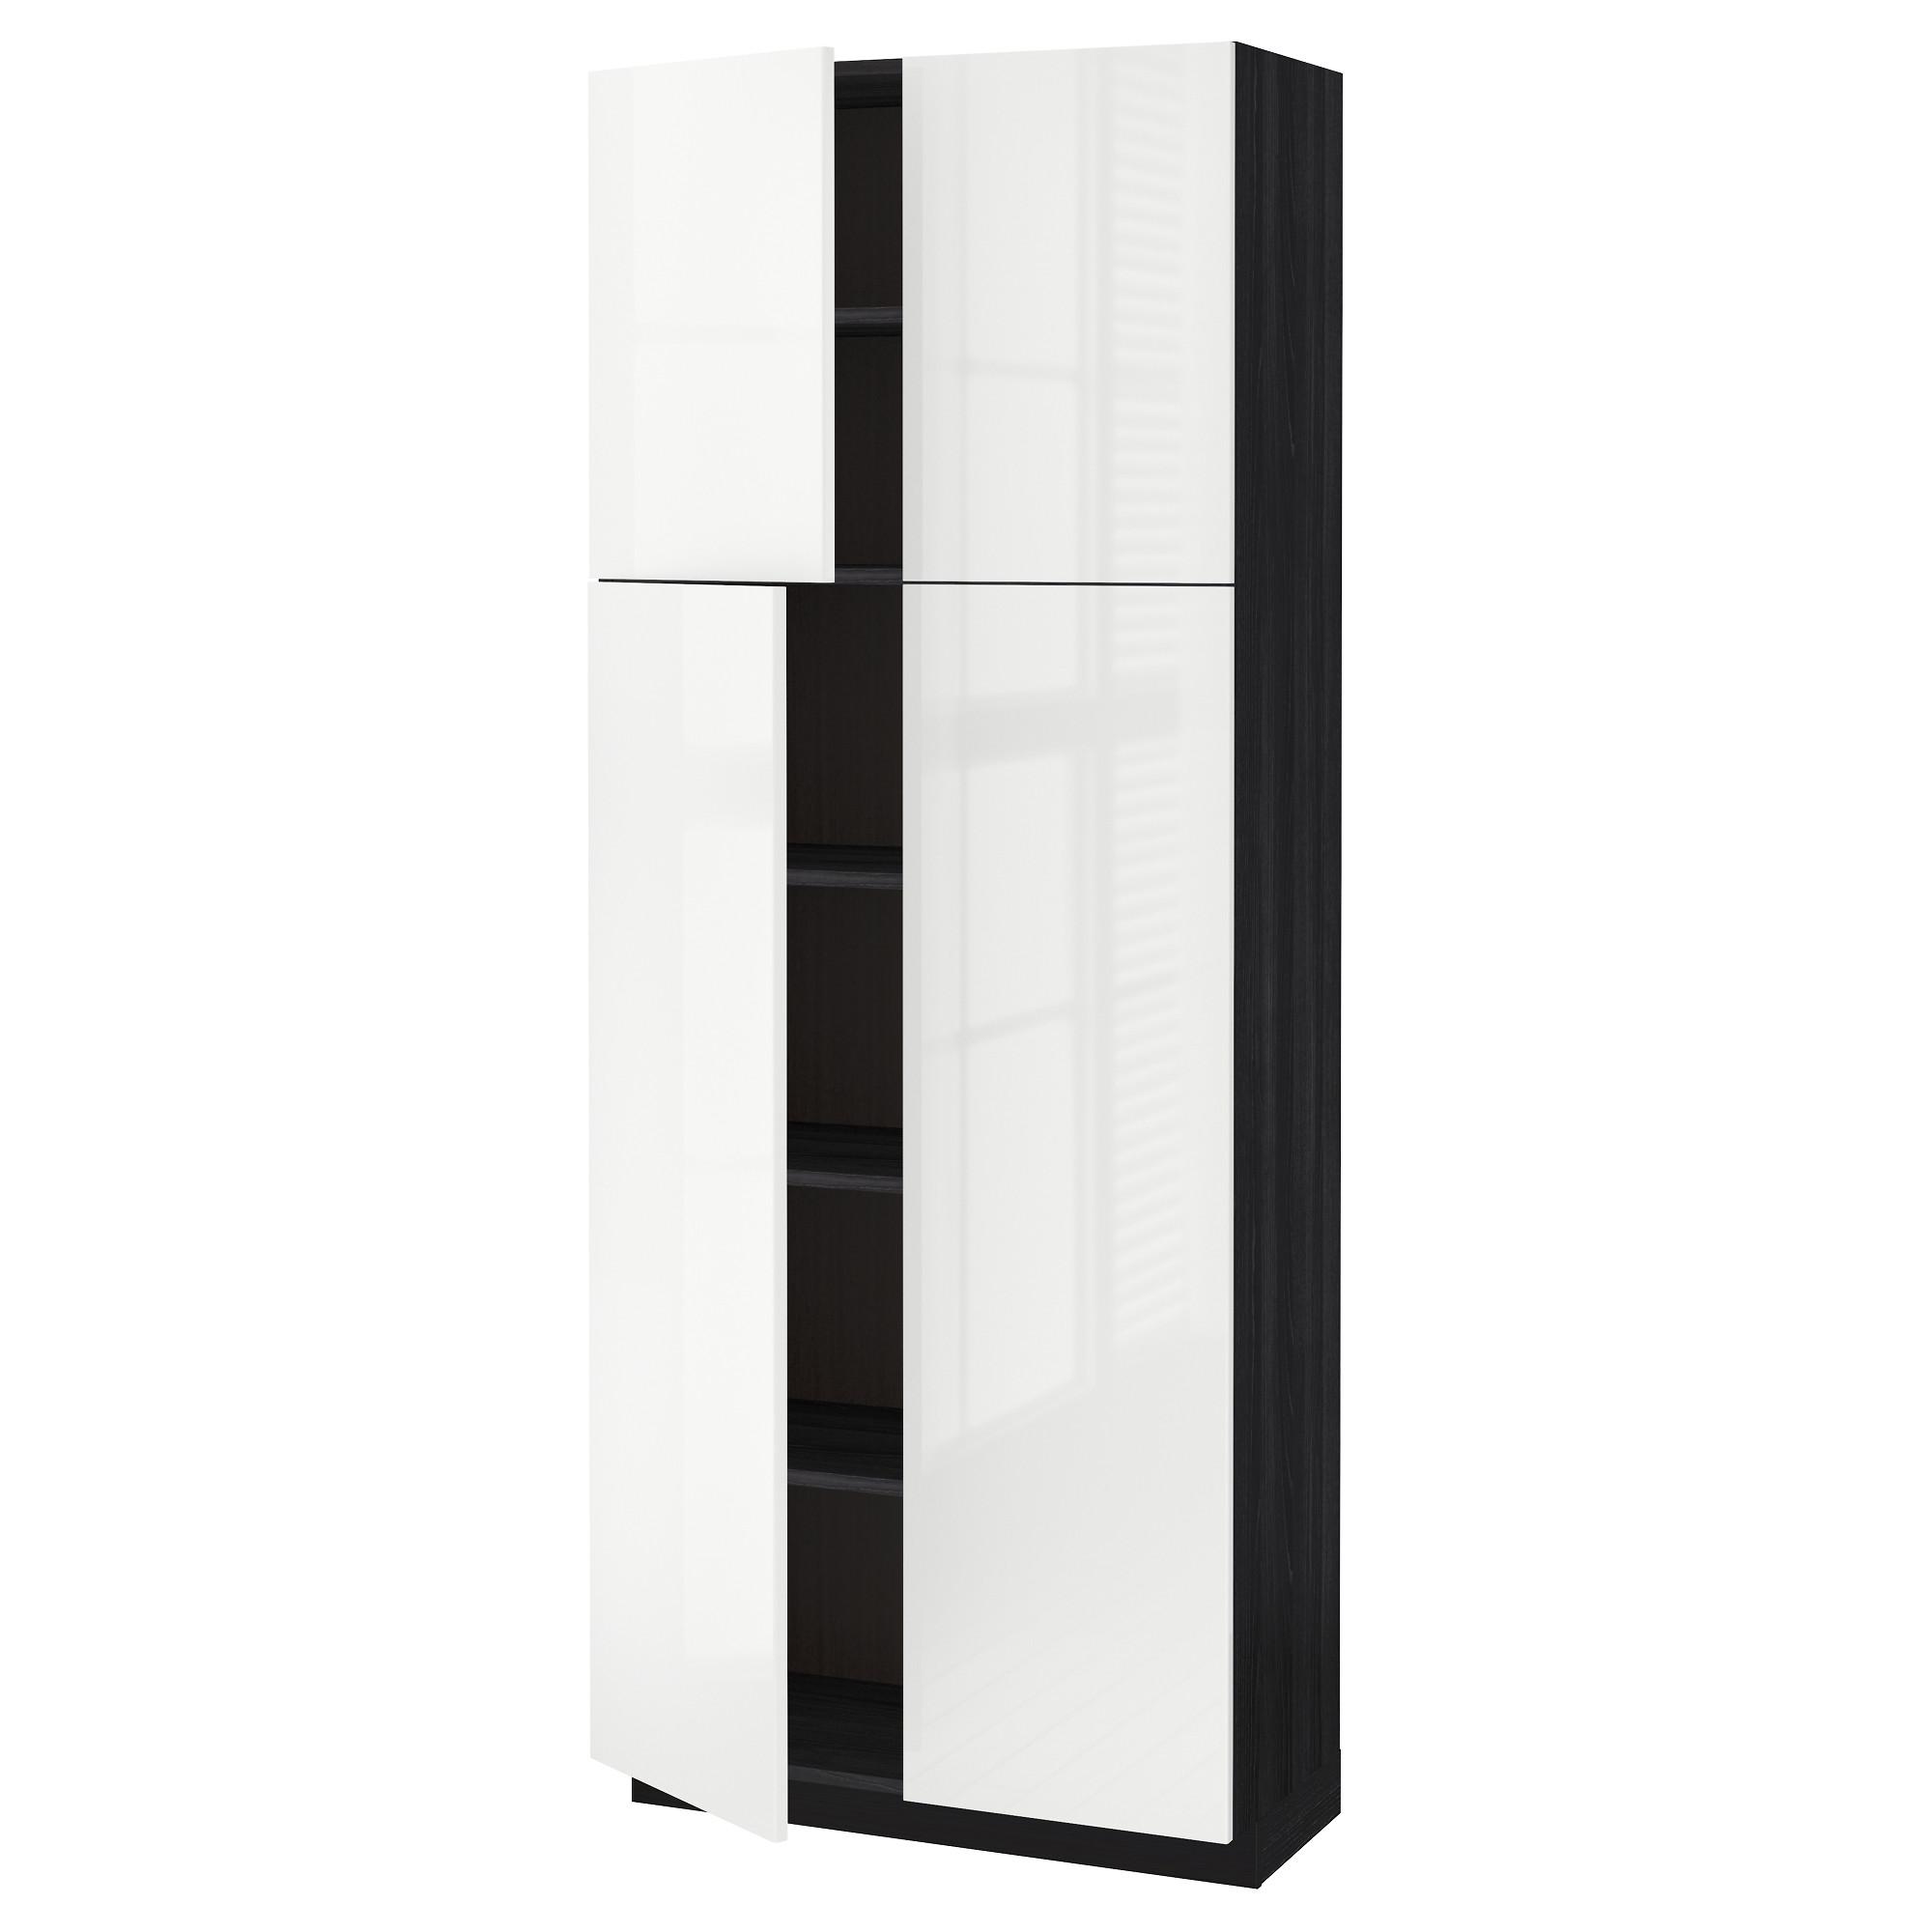 Высокий шкаф с полками, 4 дверцы МЕТОД черный артикуль № 392.329.09 в наличии. Онлайн каталог IKEA Беларусь. Недорогая доставка и монтаж.